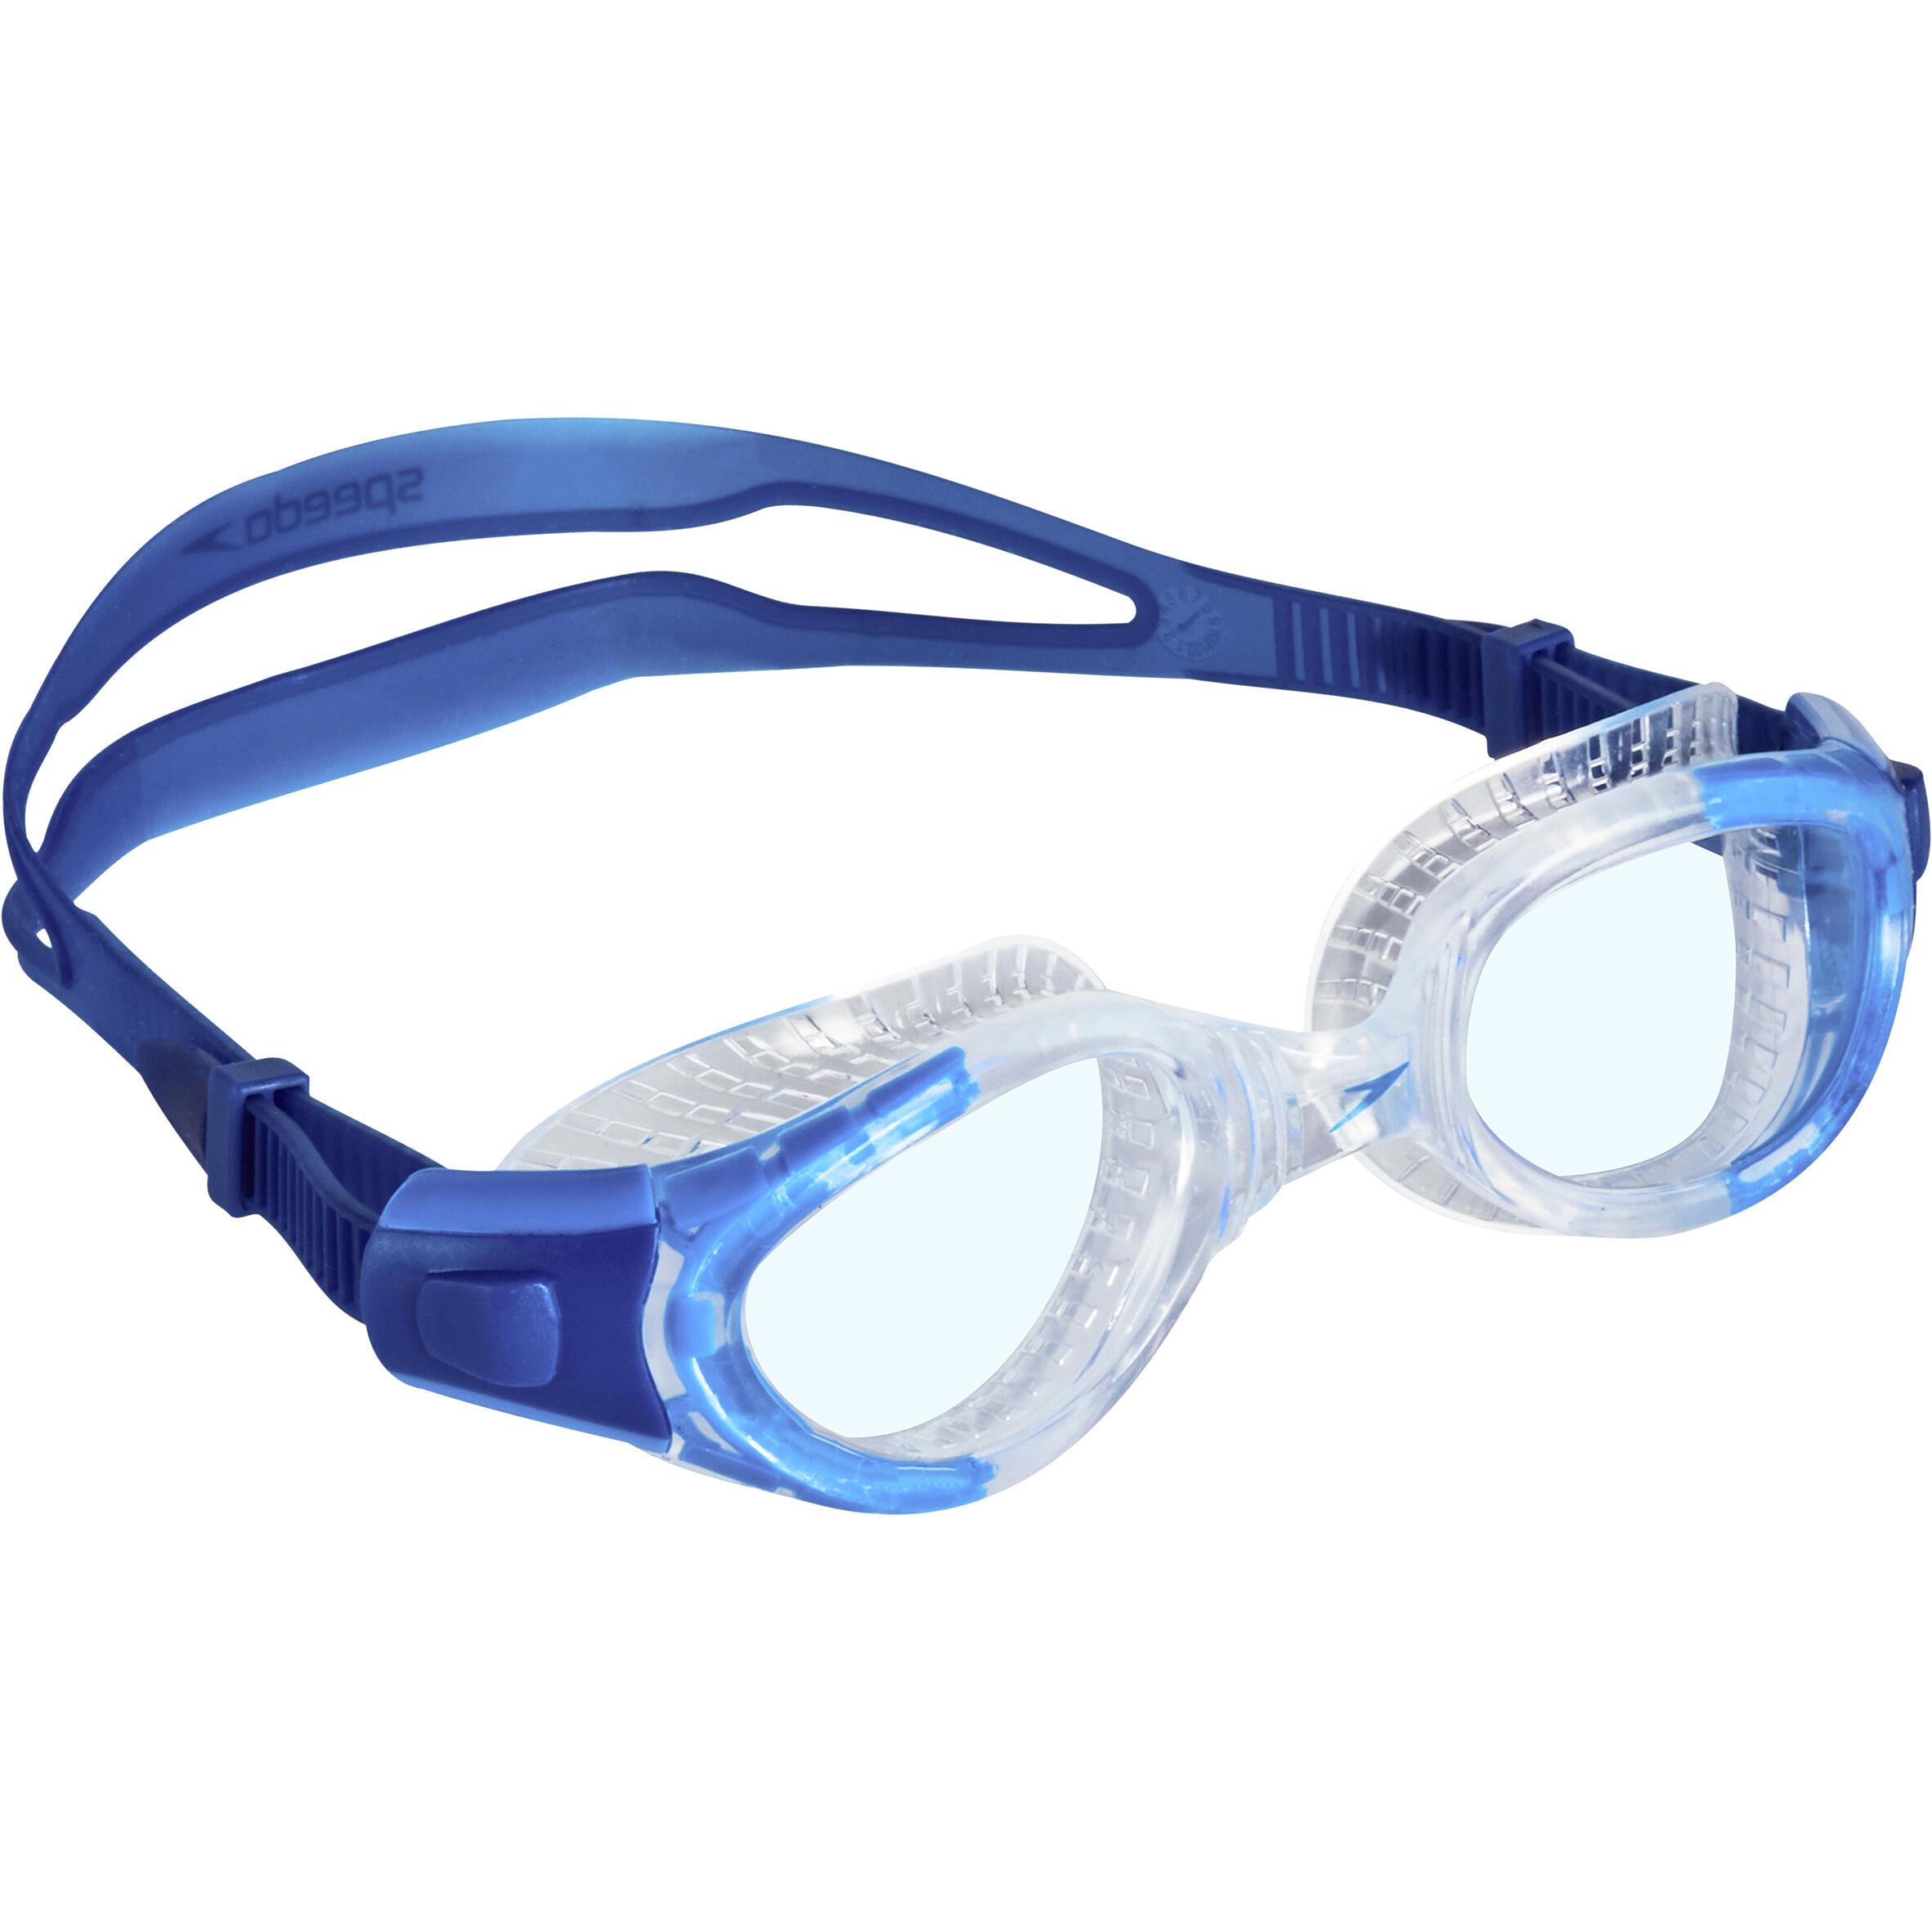 6322af8494 Gafas Natación Piscina Speedo Adulto Azul Entrenamiento Antivaho Speedo    Decathlon